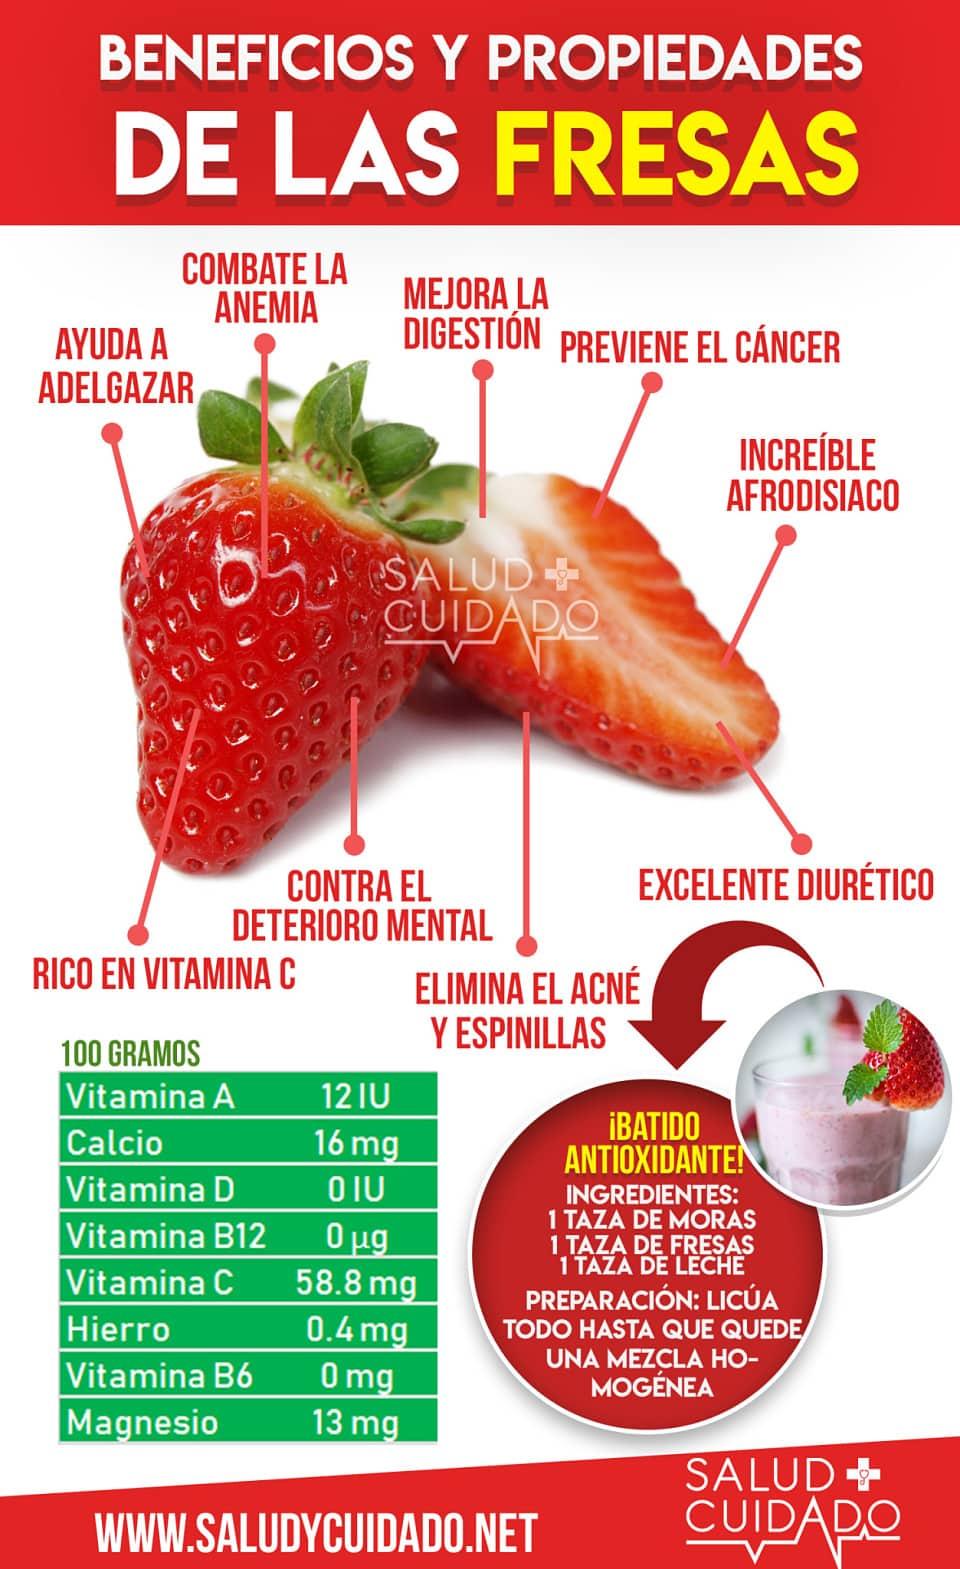 Beneficios de las fresas y sus propiedades infografia